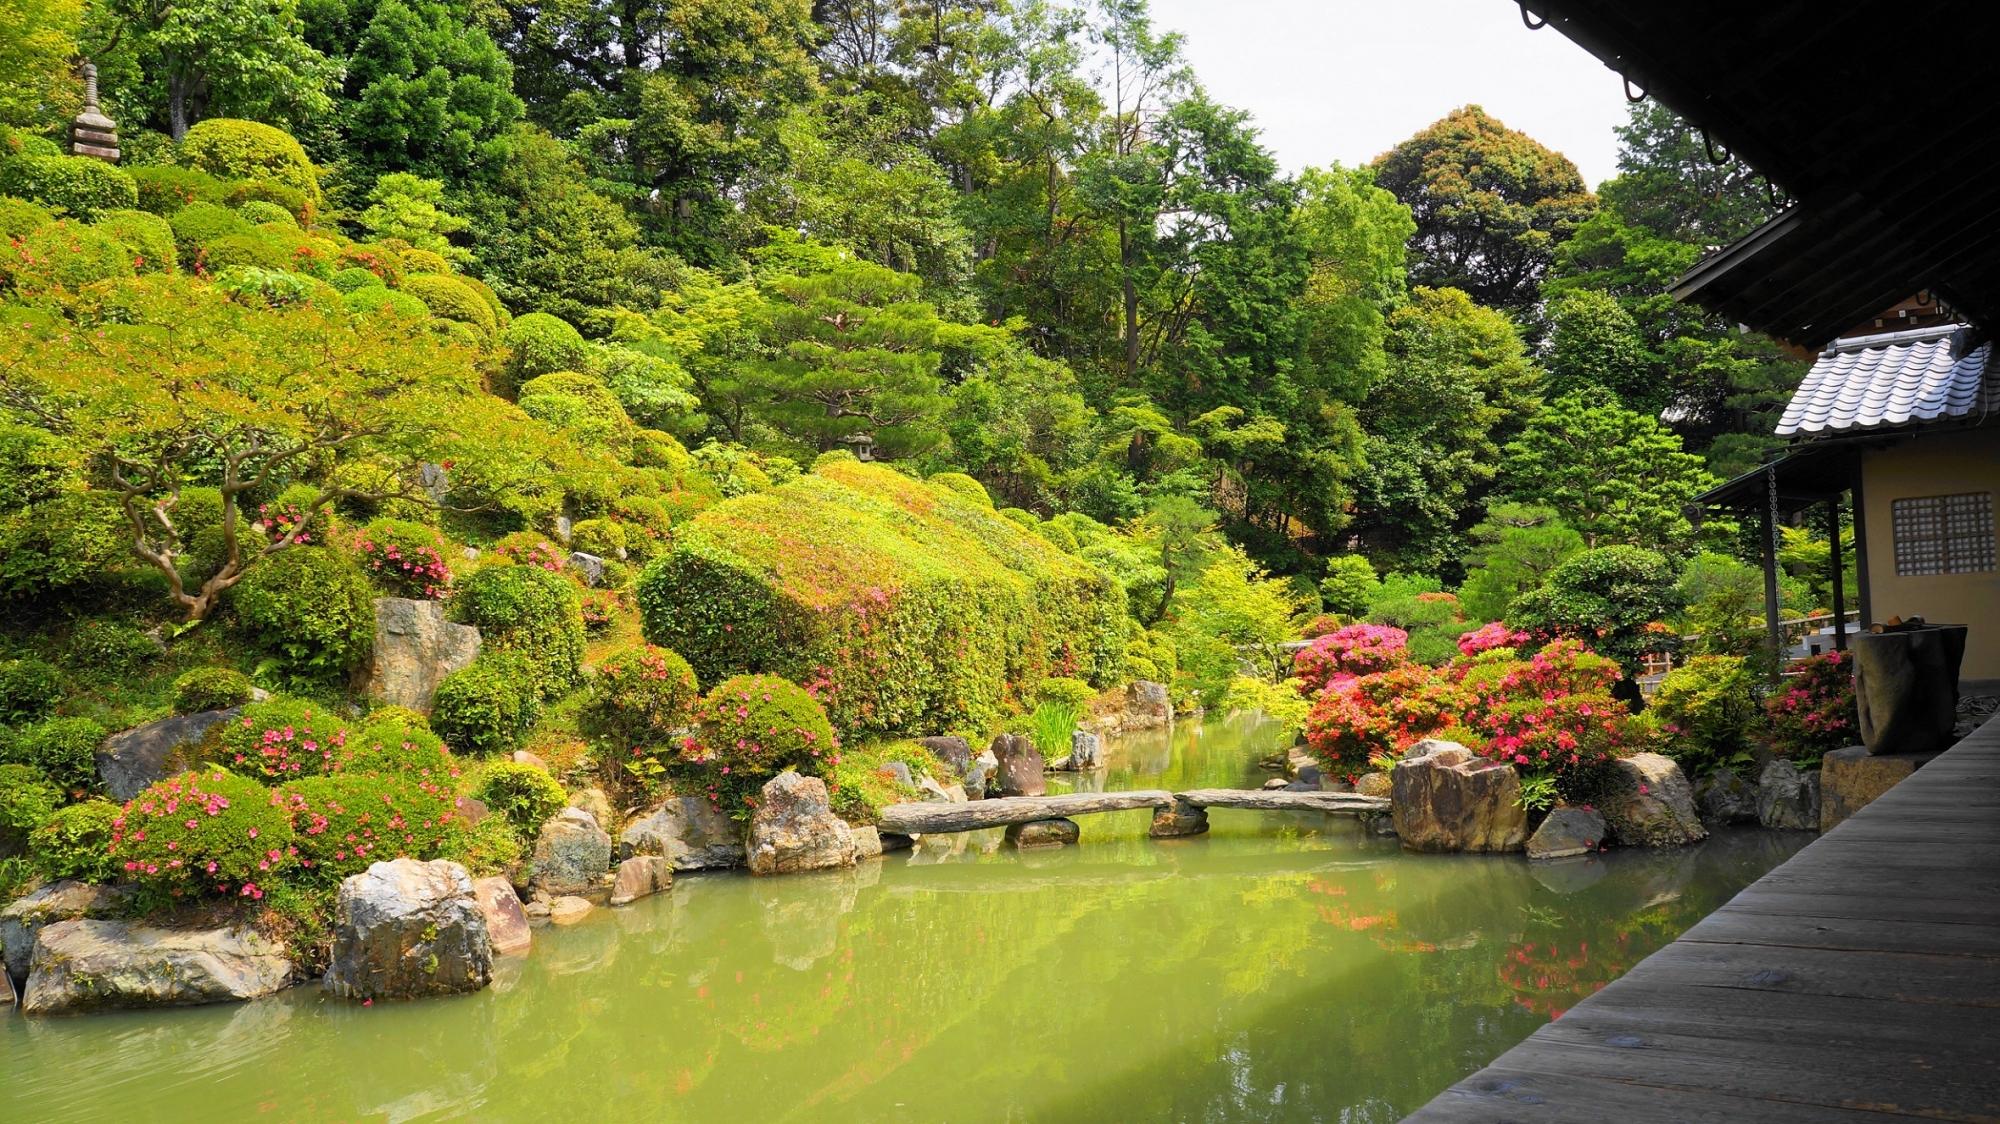 智積院の名勝庭園の見ごろのさつき